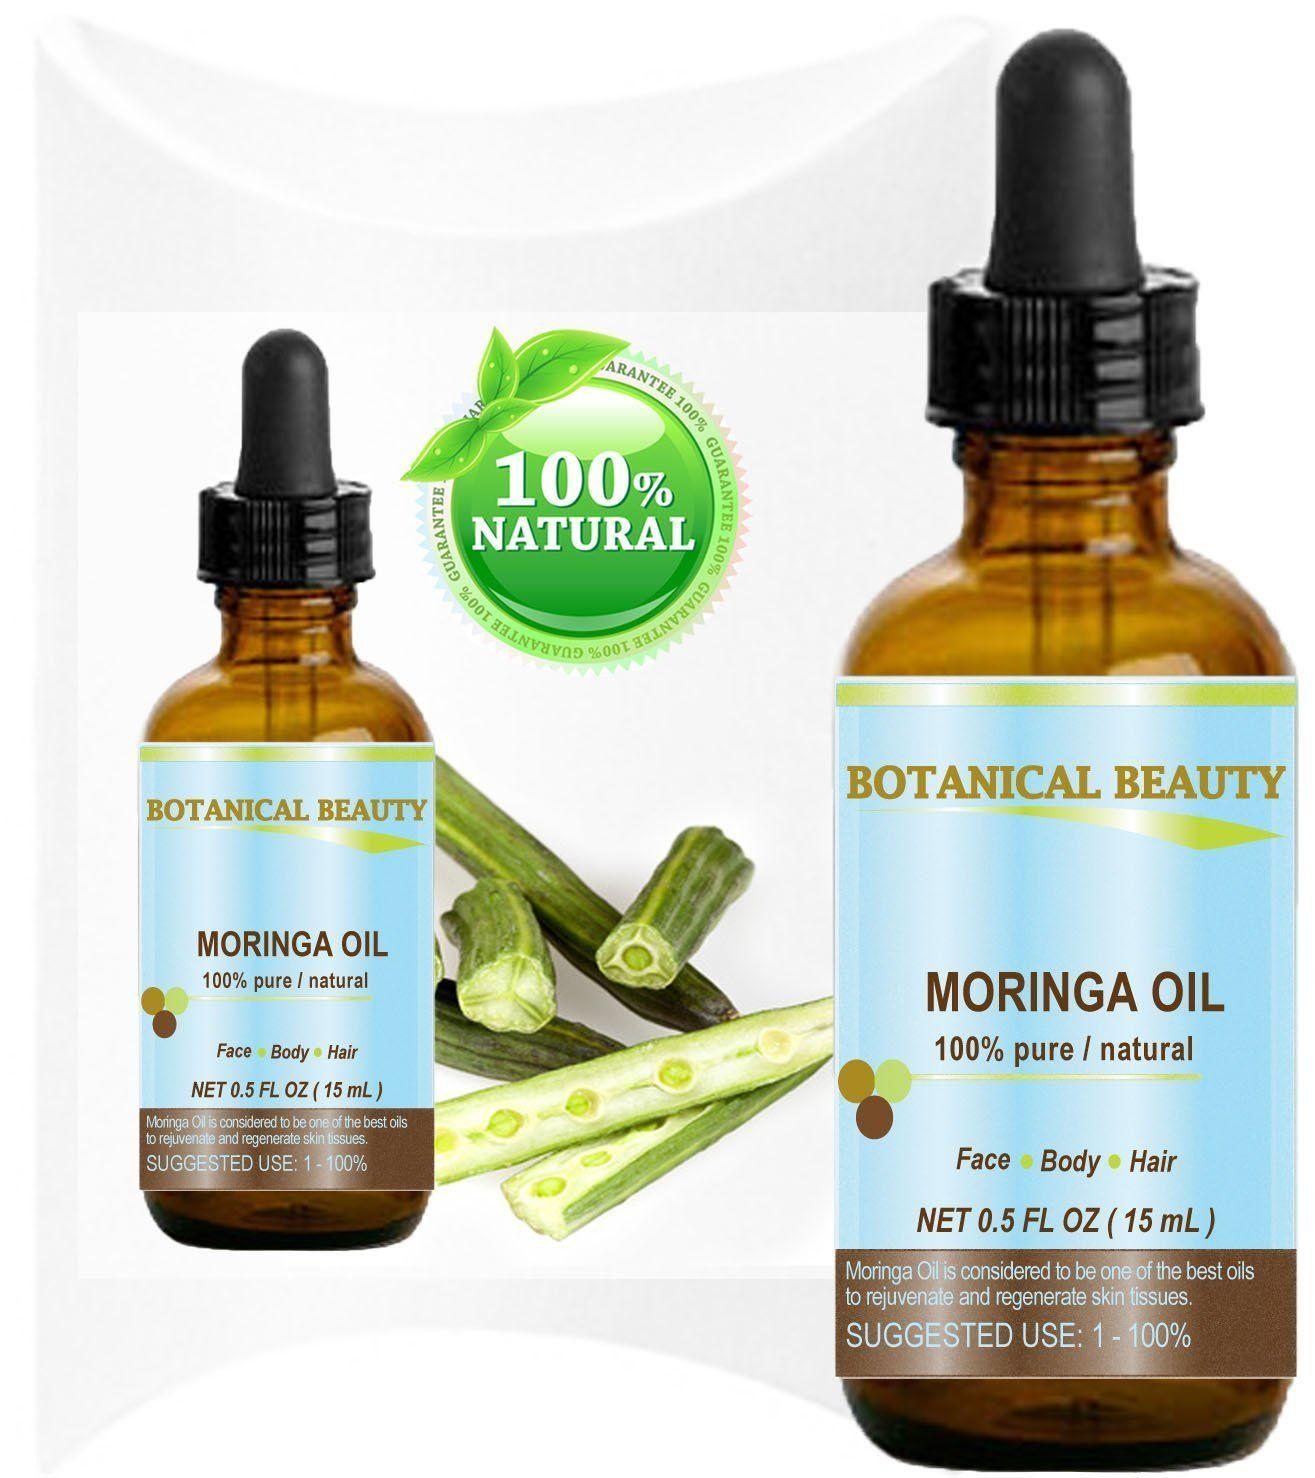 Botanical Beauty Moringa Oil for Face, Body, Hair, 0 5 fl